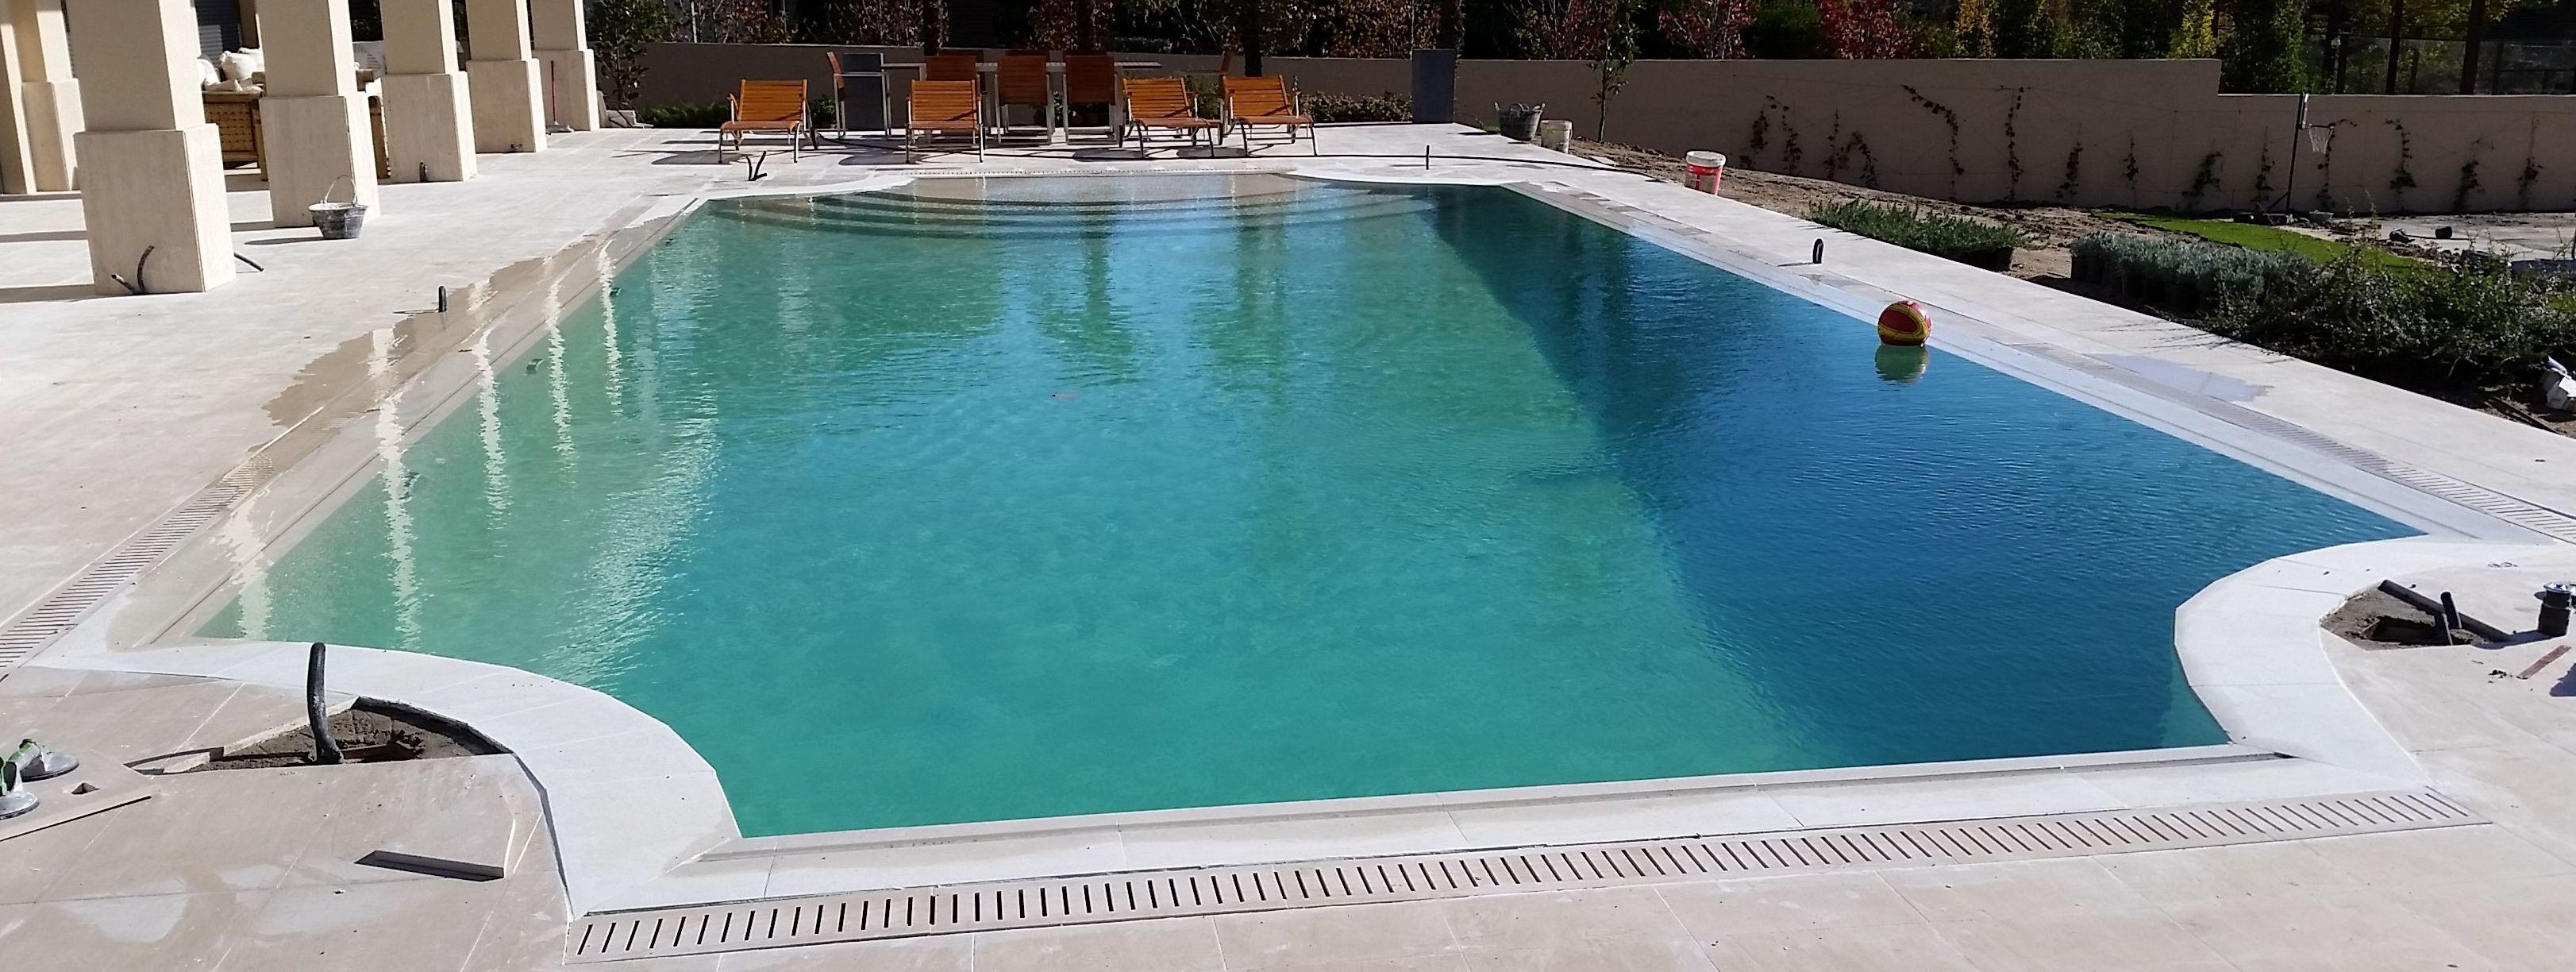 Construcci n de piscinas desbordante for Detalle constructivo piscina desbordante